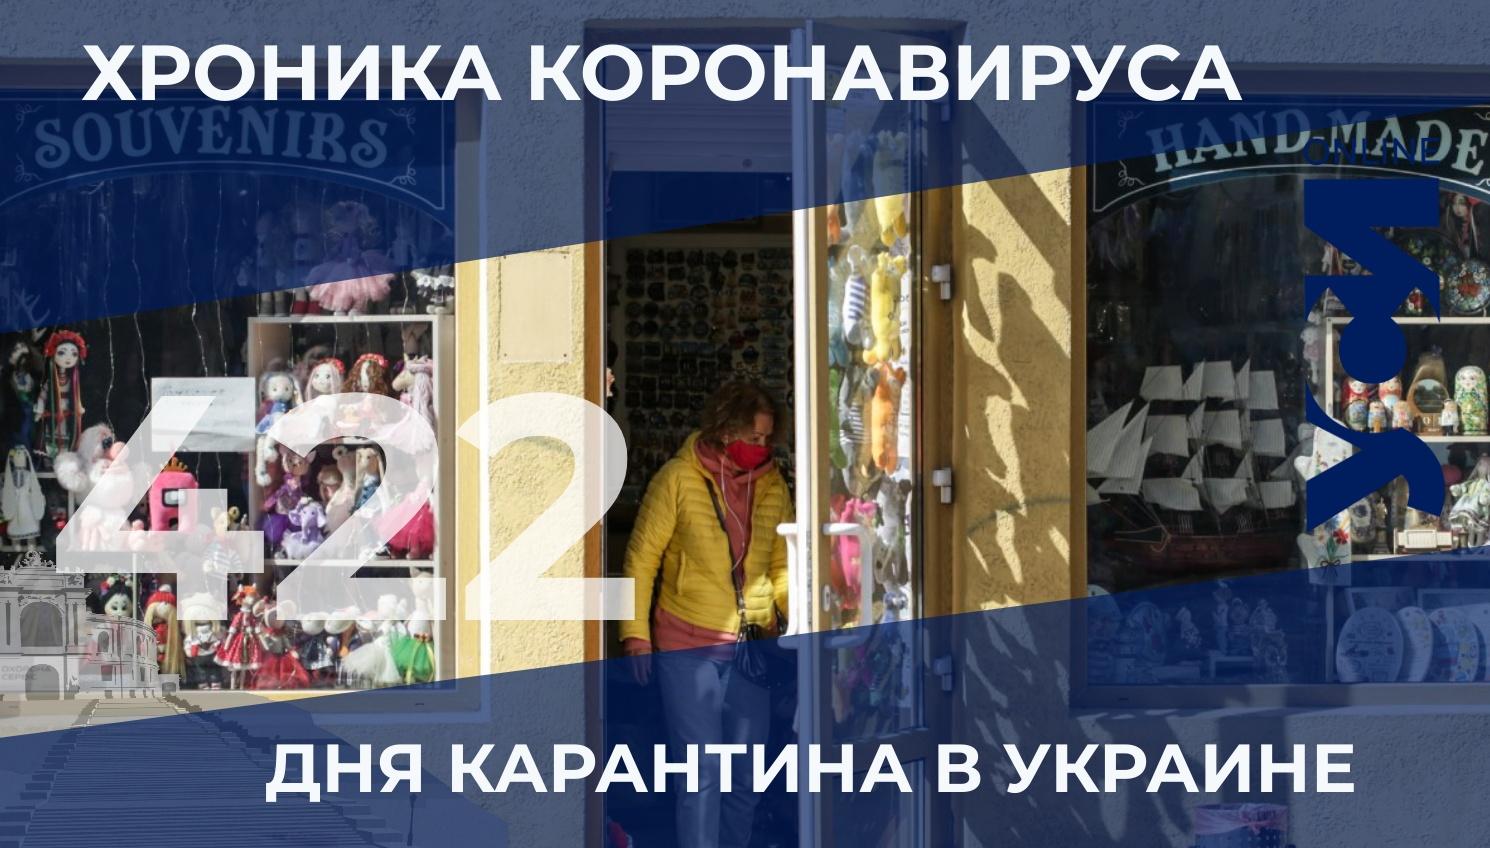 Хроника коронавируса: в Одесской области – 344 новых заболевших «фото»